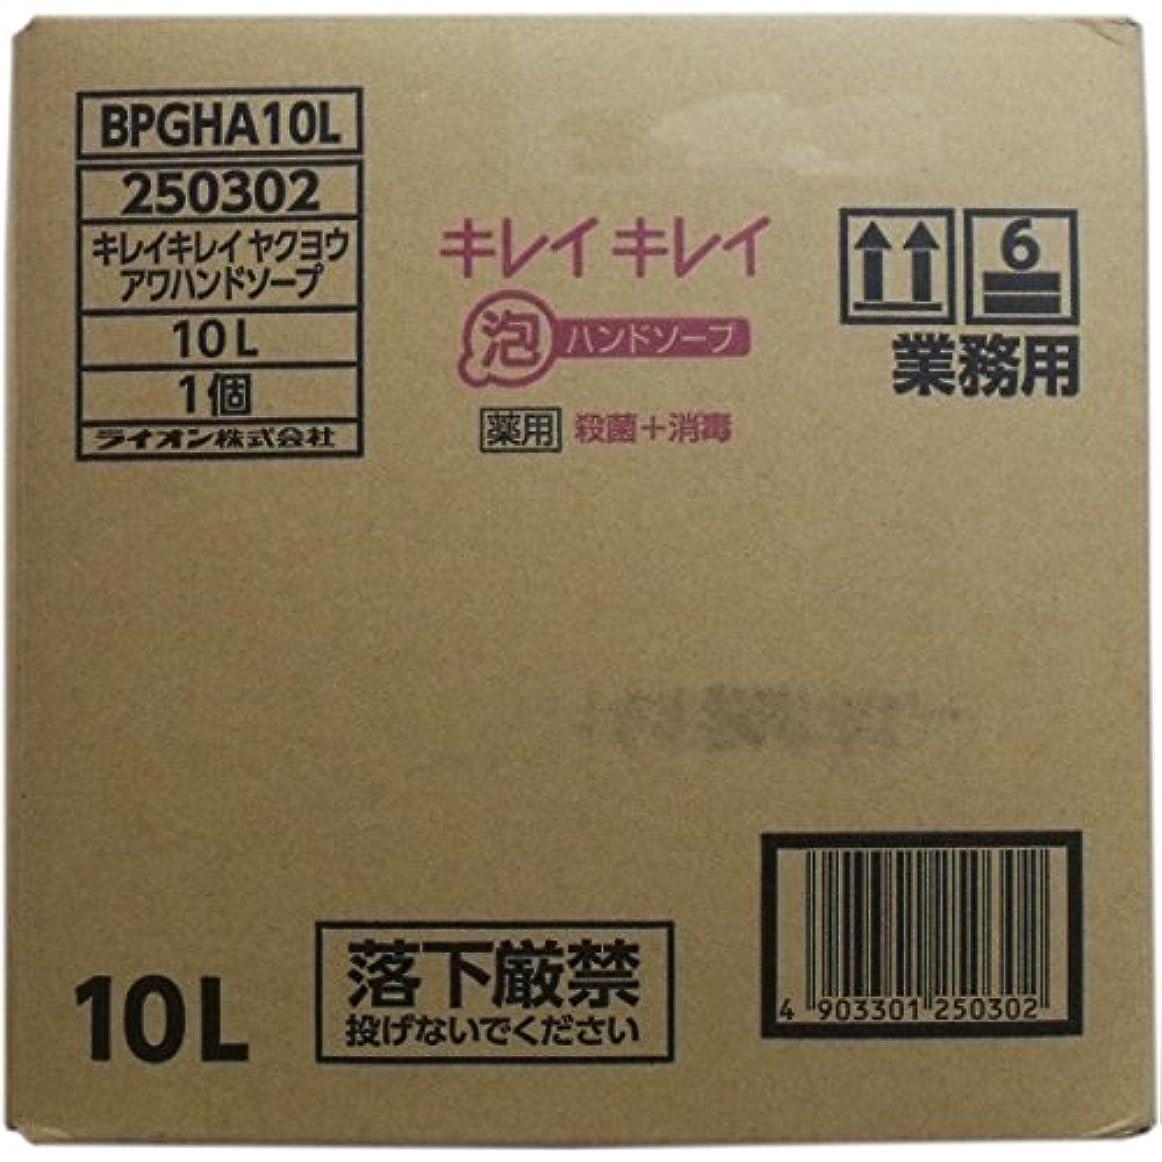 ビバ夏かける業務用キレイキレイ 薬用泡ハンドソープ 10L×2個セット